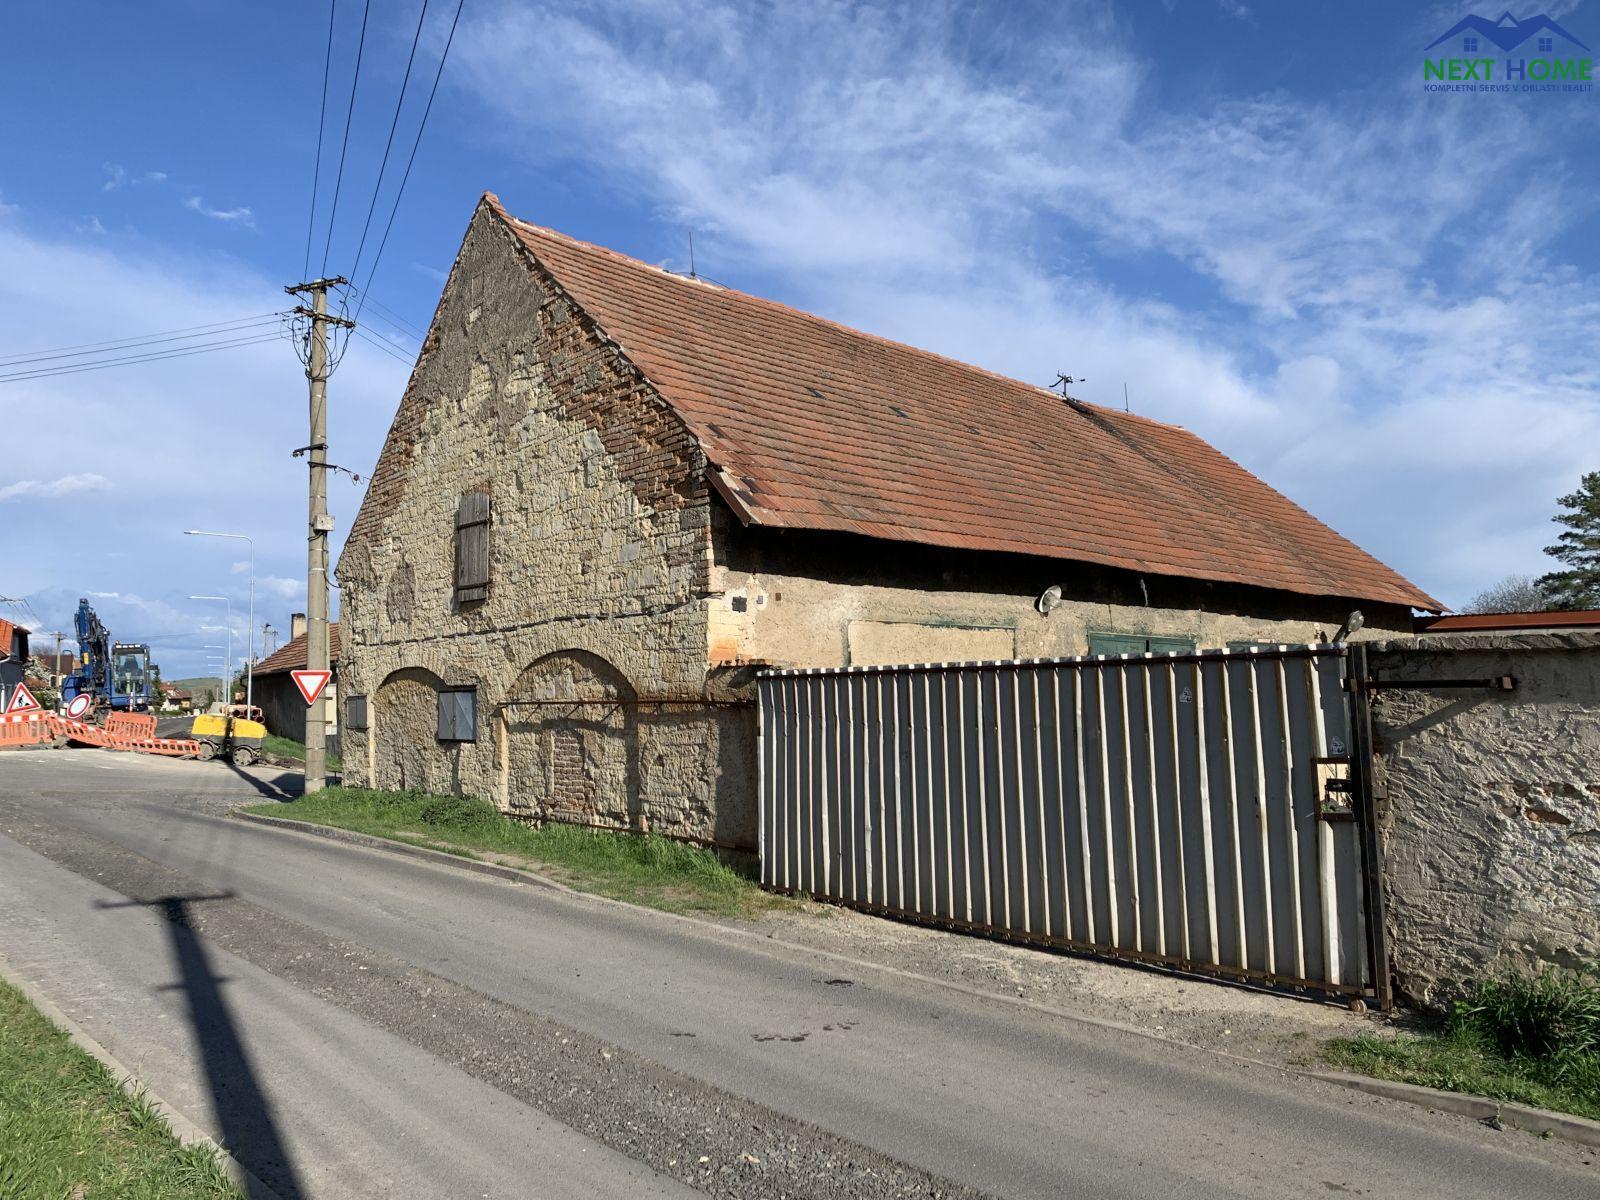 Prodej autodílna, dvůr, celková plocha pozemku 723 m2, Koštice, okr. Louny.